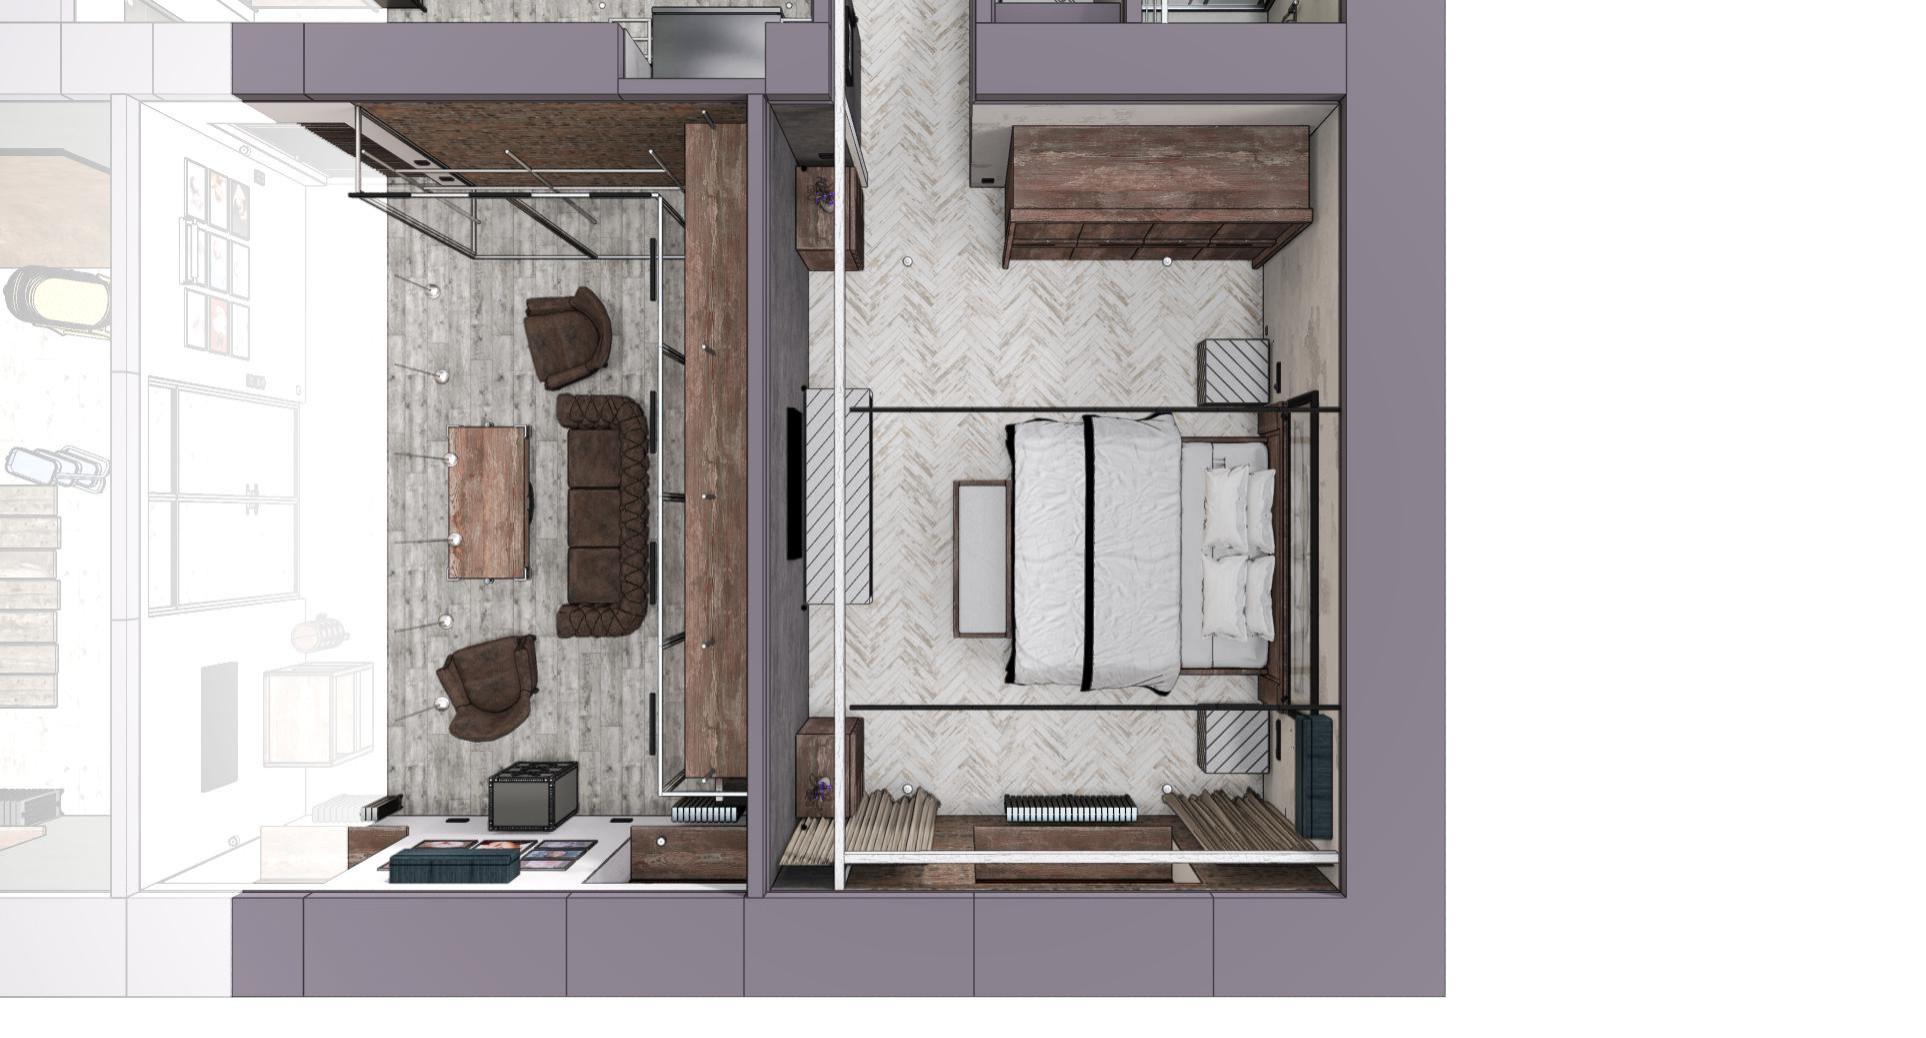 Квартира в Москве в стиле лофт, спальня, ванная и гардеробная. 2020 г.